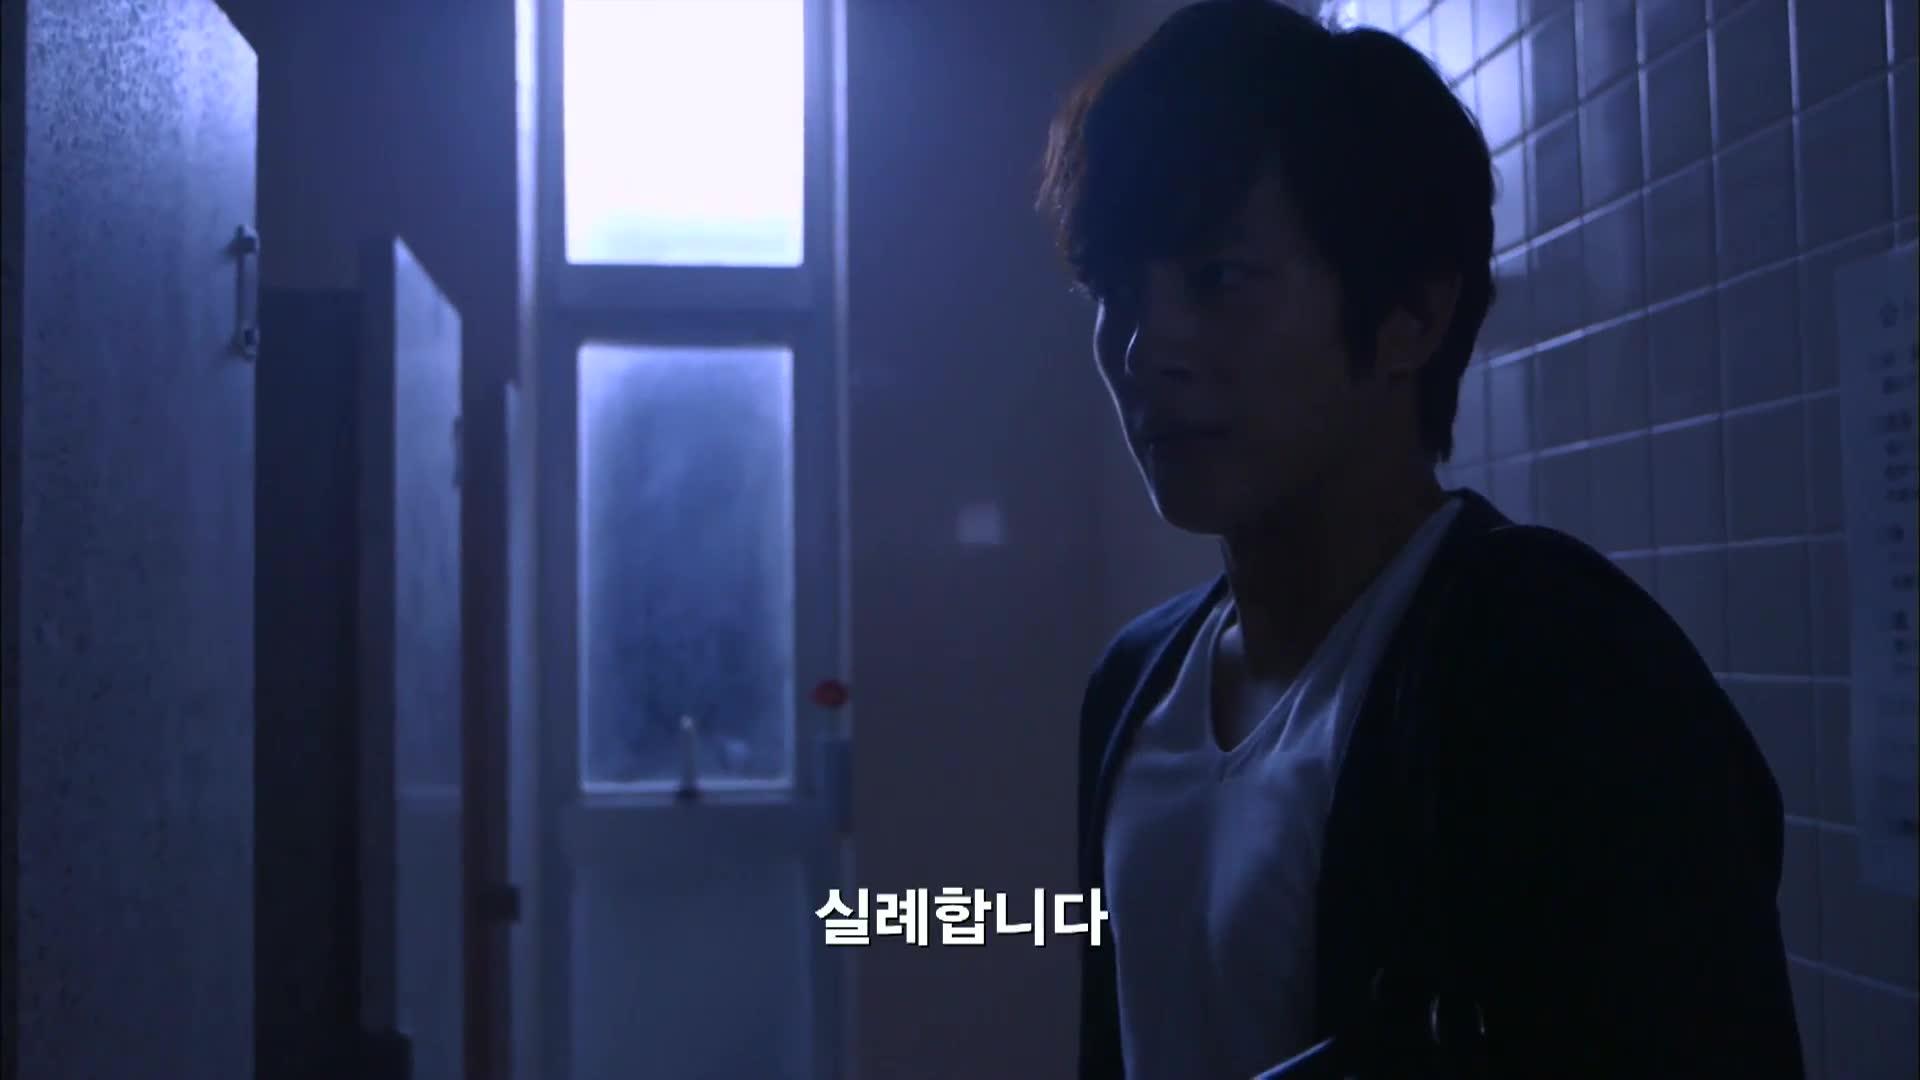 제5화 화장실의 하나코 씨의 저주!? 아이돌 학교 살인 사건